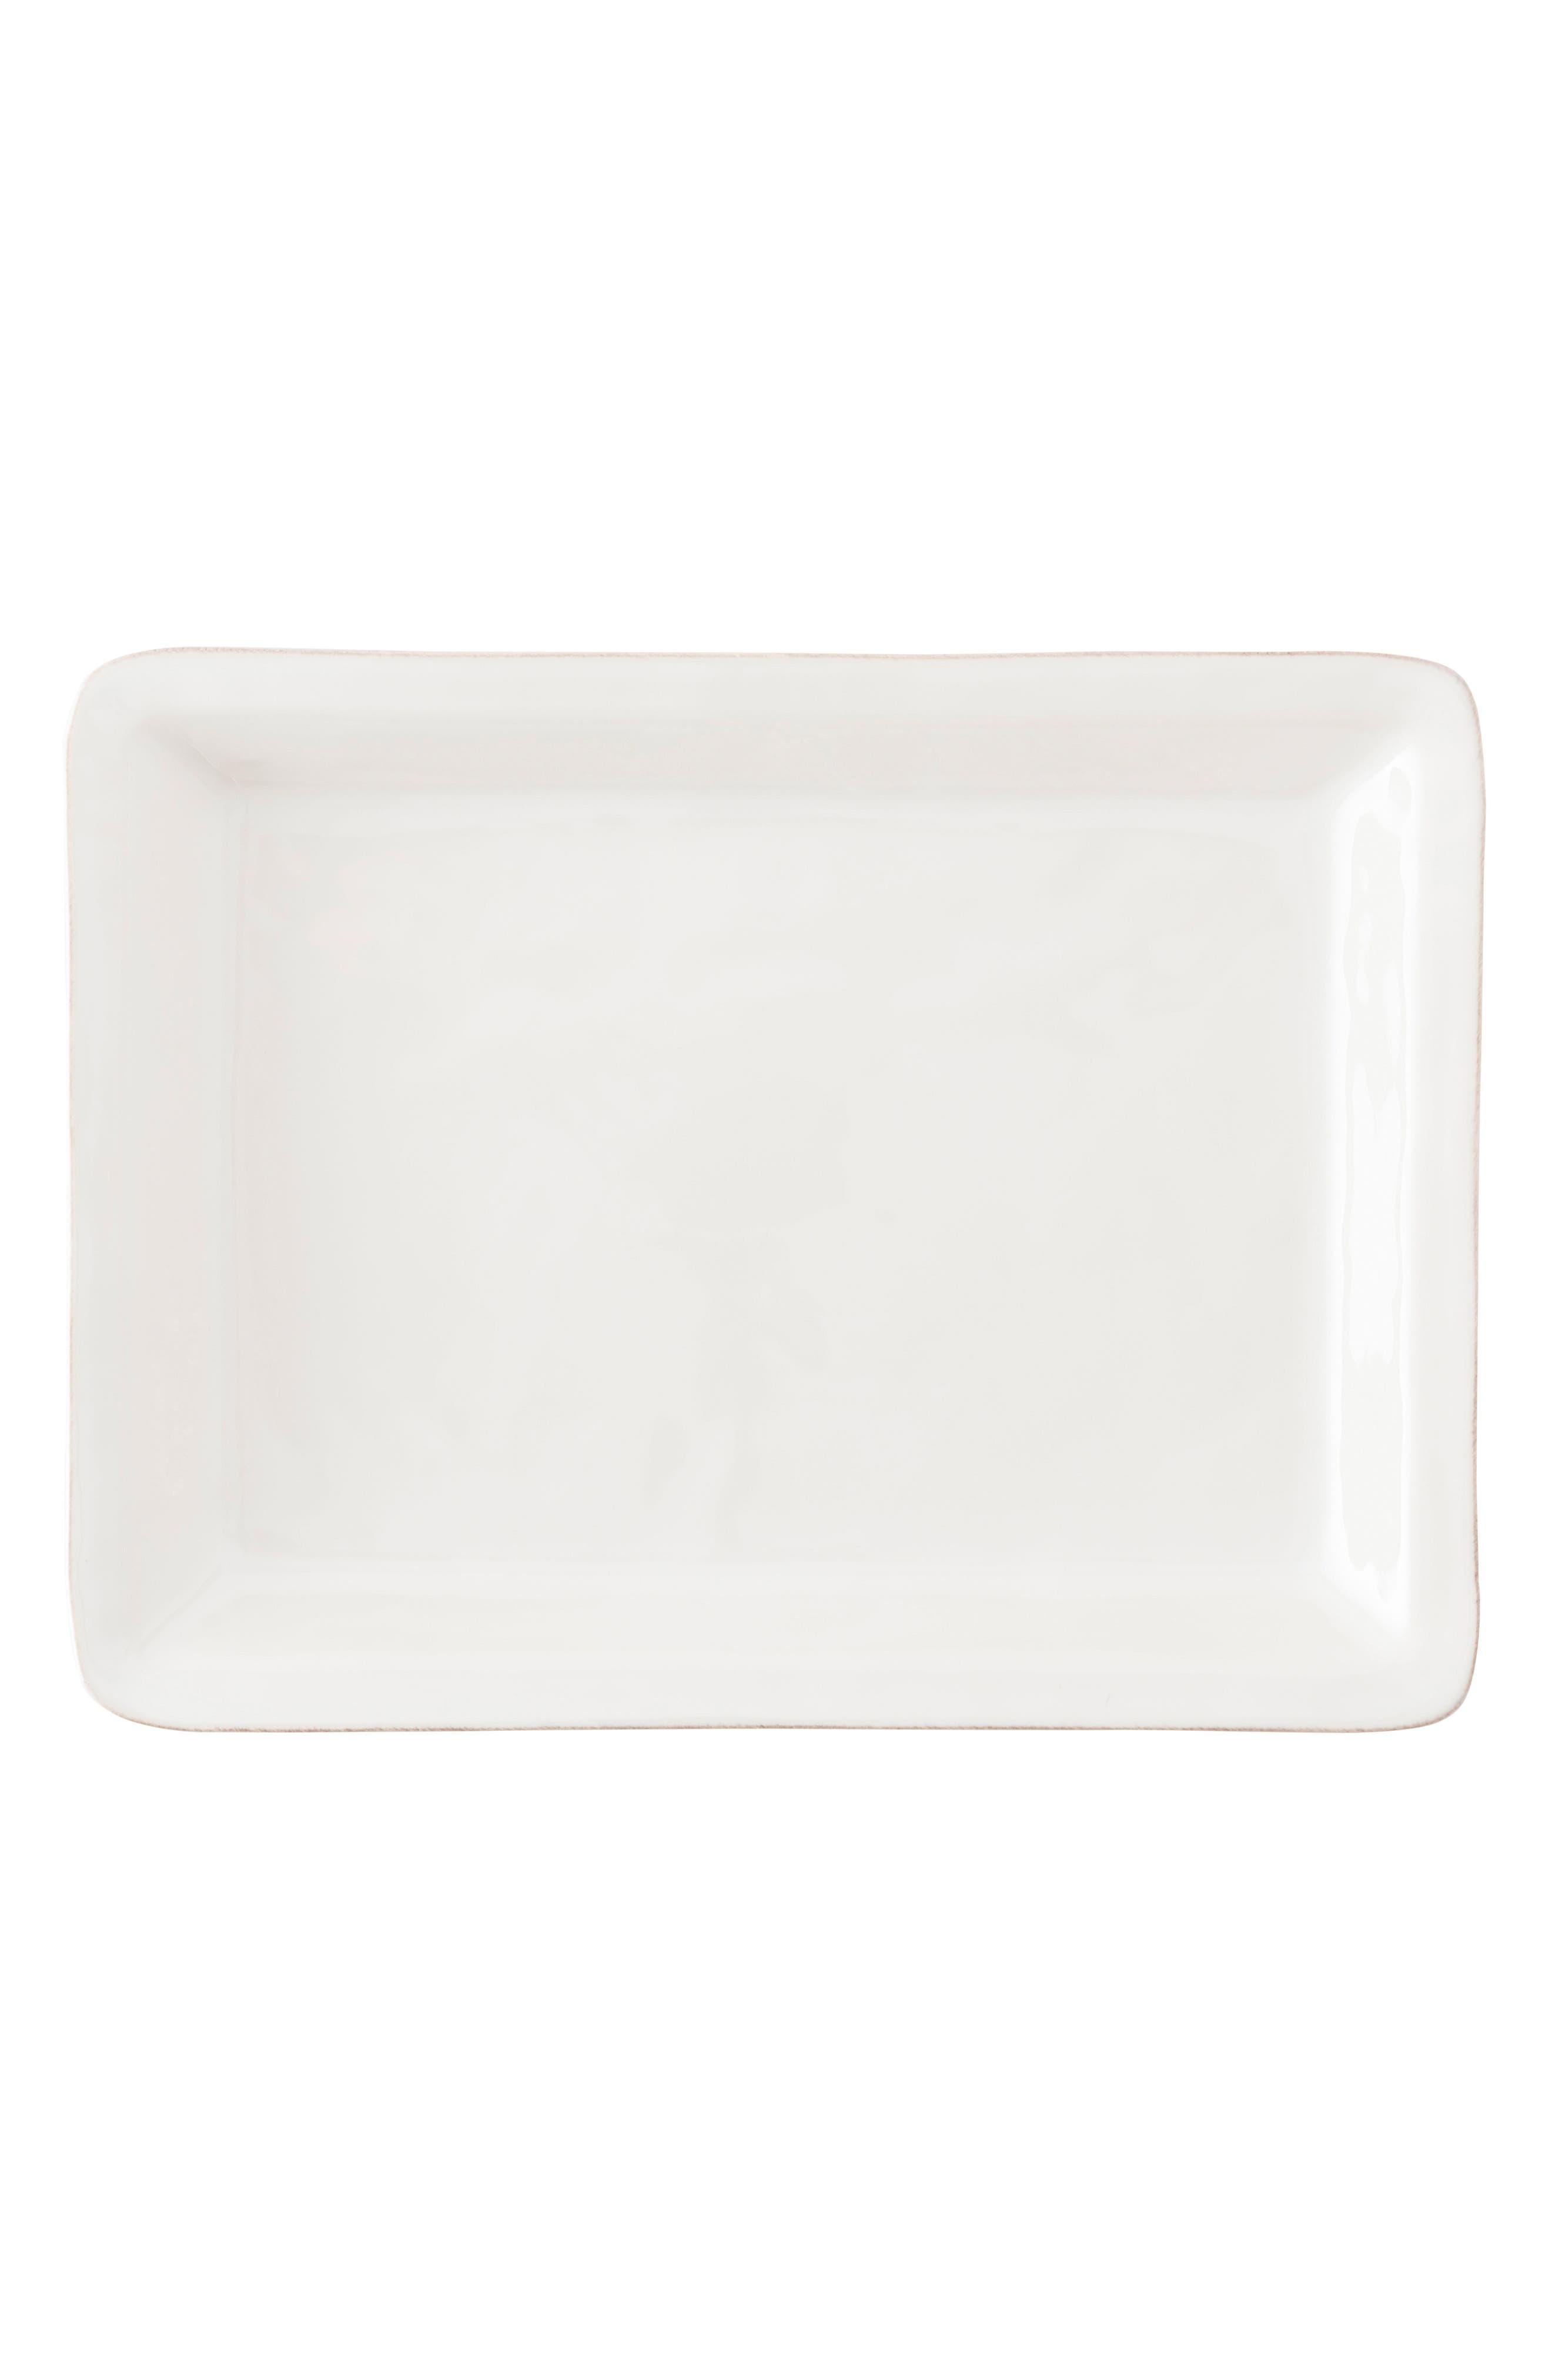 Main Image - Juliska Puro Large Ceramic Serving Tray